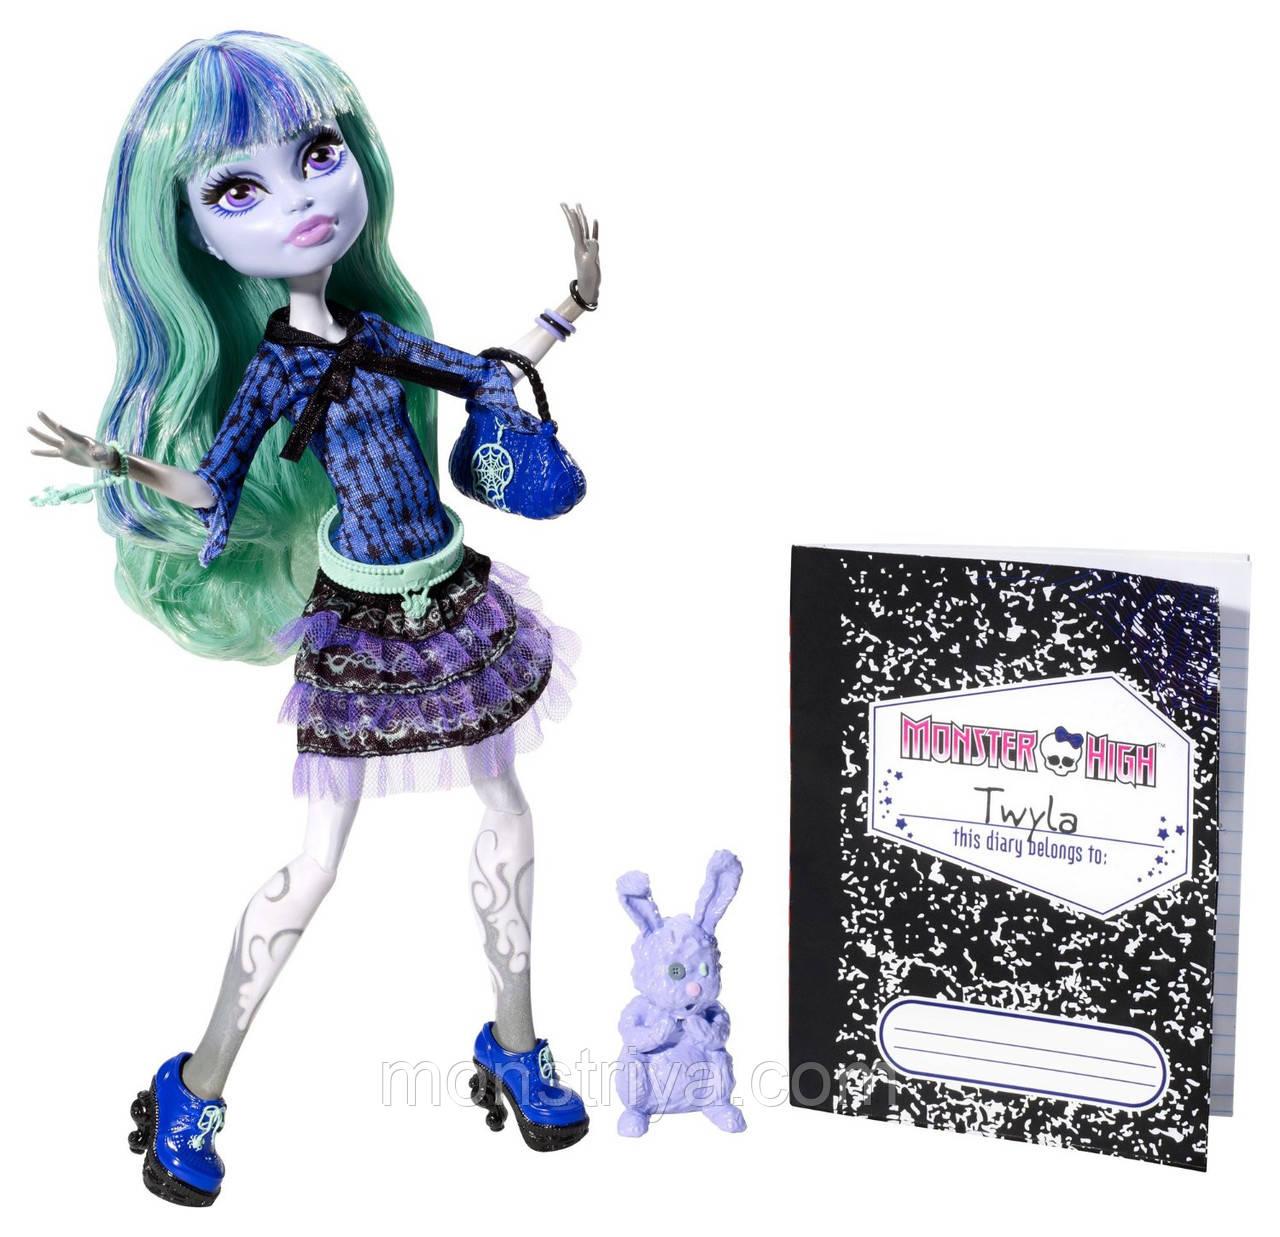 Кукла Monster High Монстер Хай Твайла 13 желаний 13 Wishes Twyla